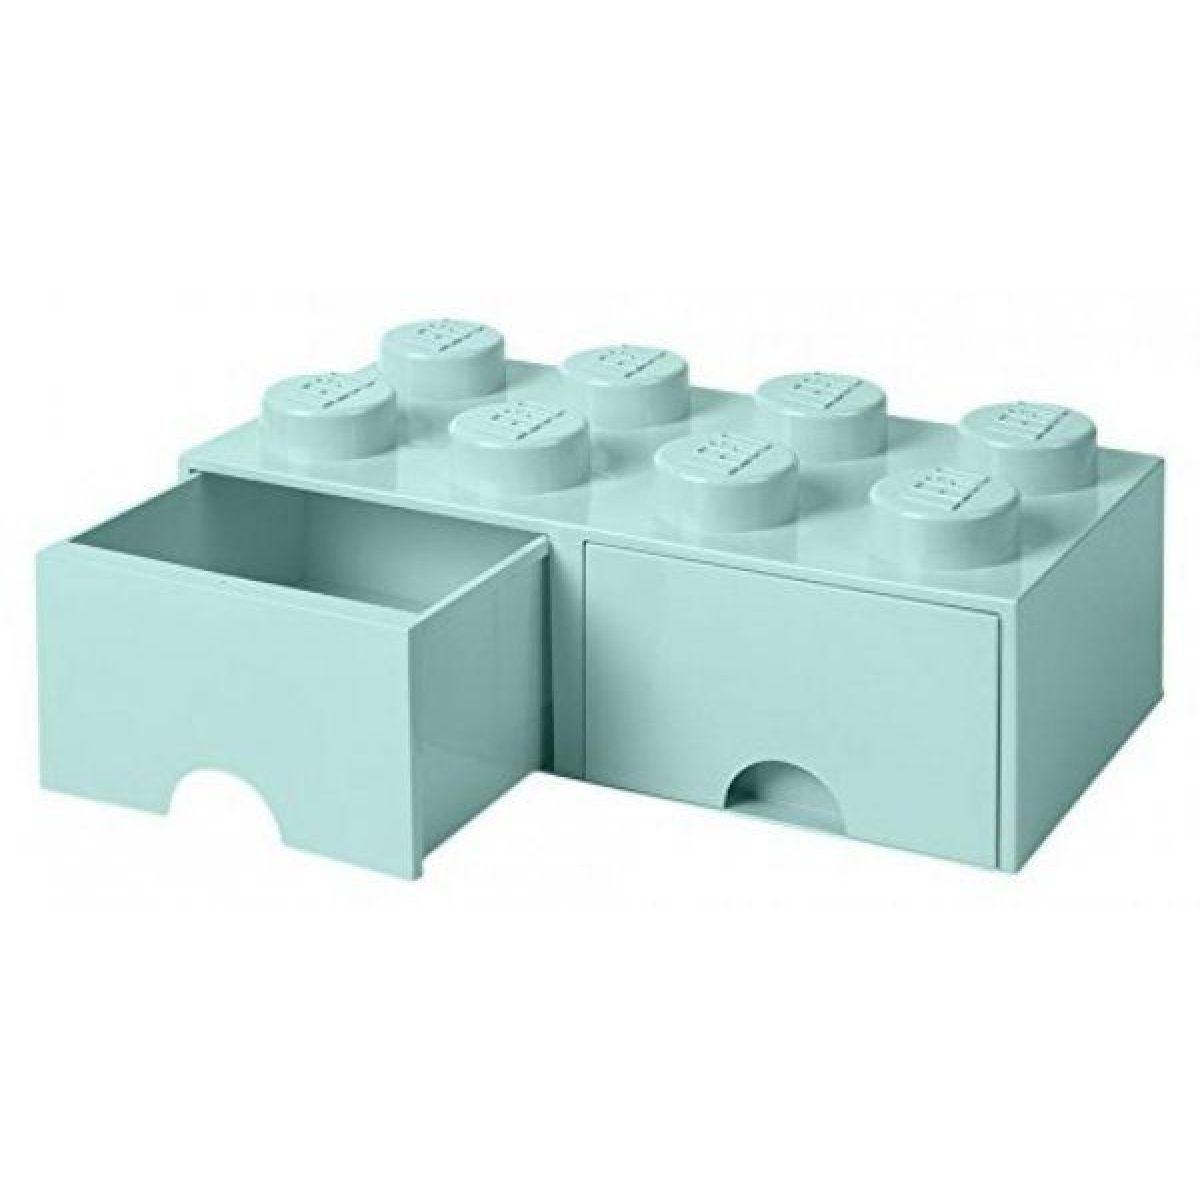 LEGO úložný box 8 s šuplíky - aqua